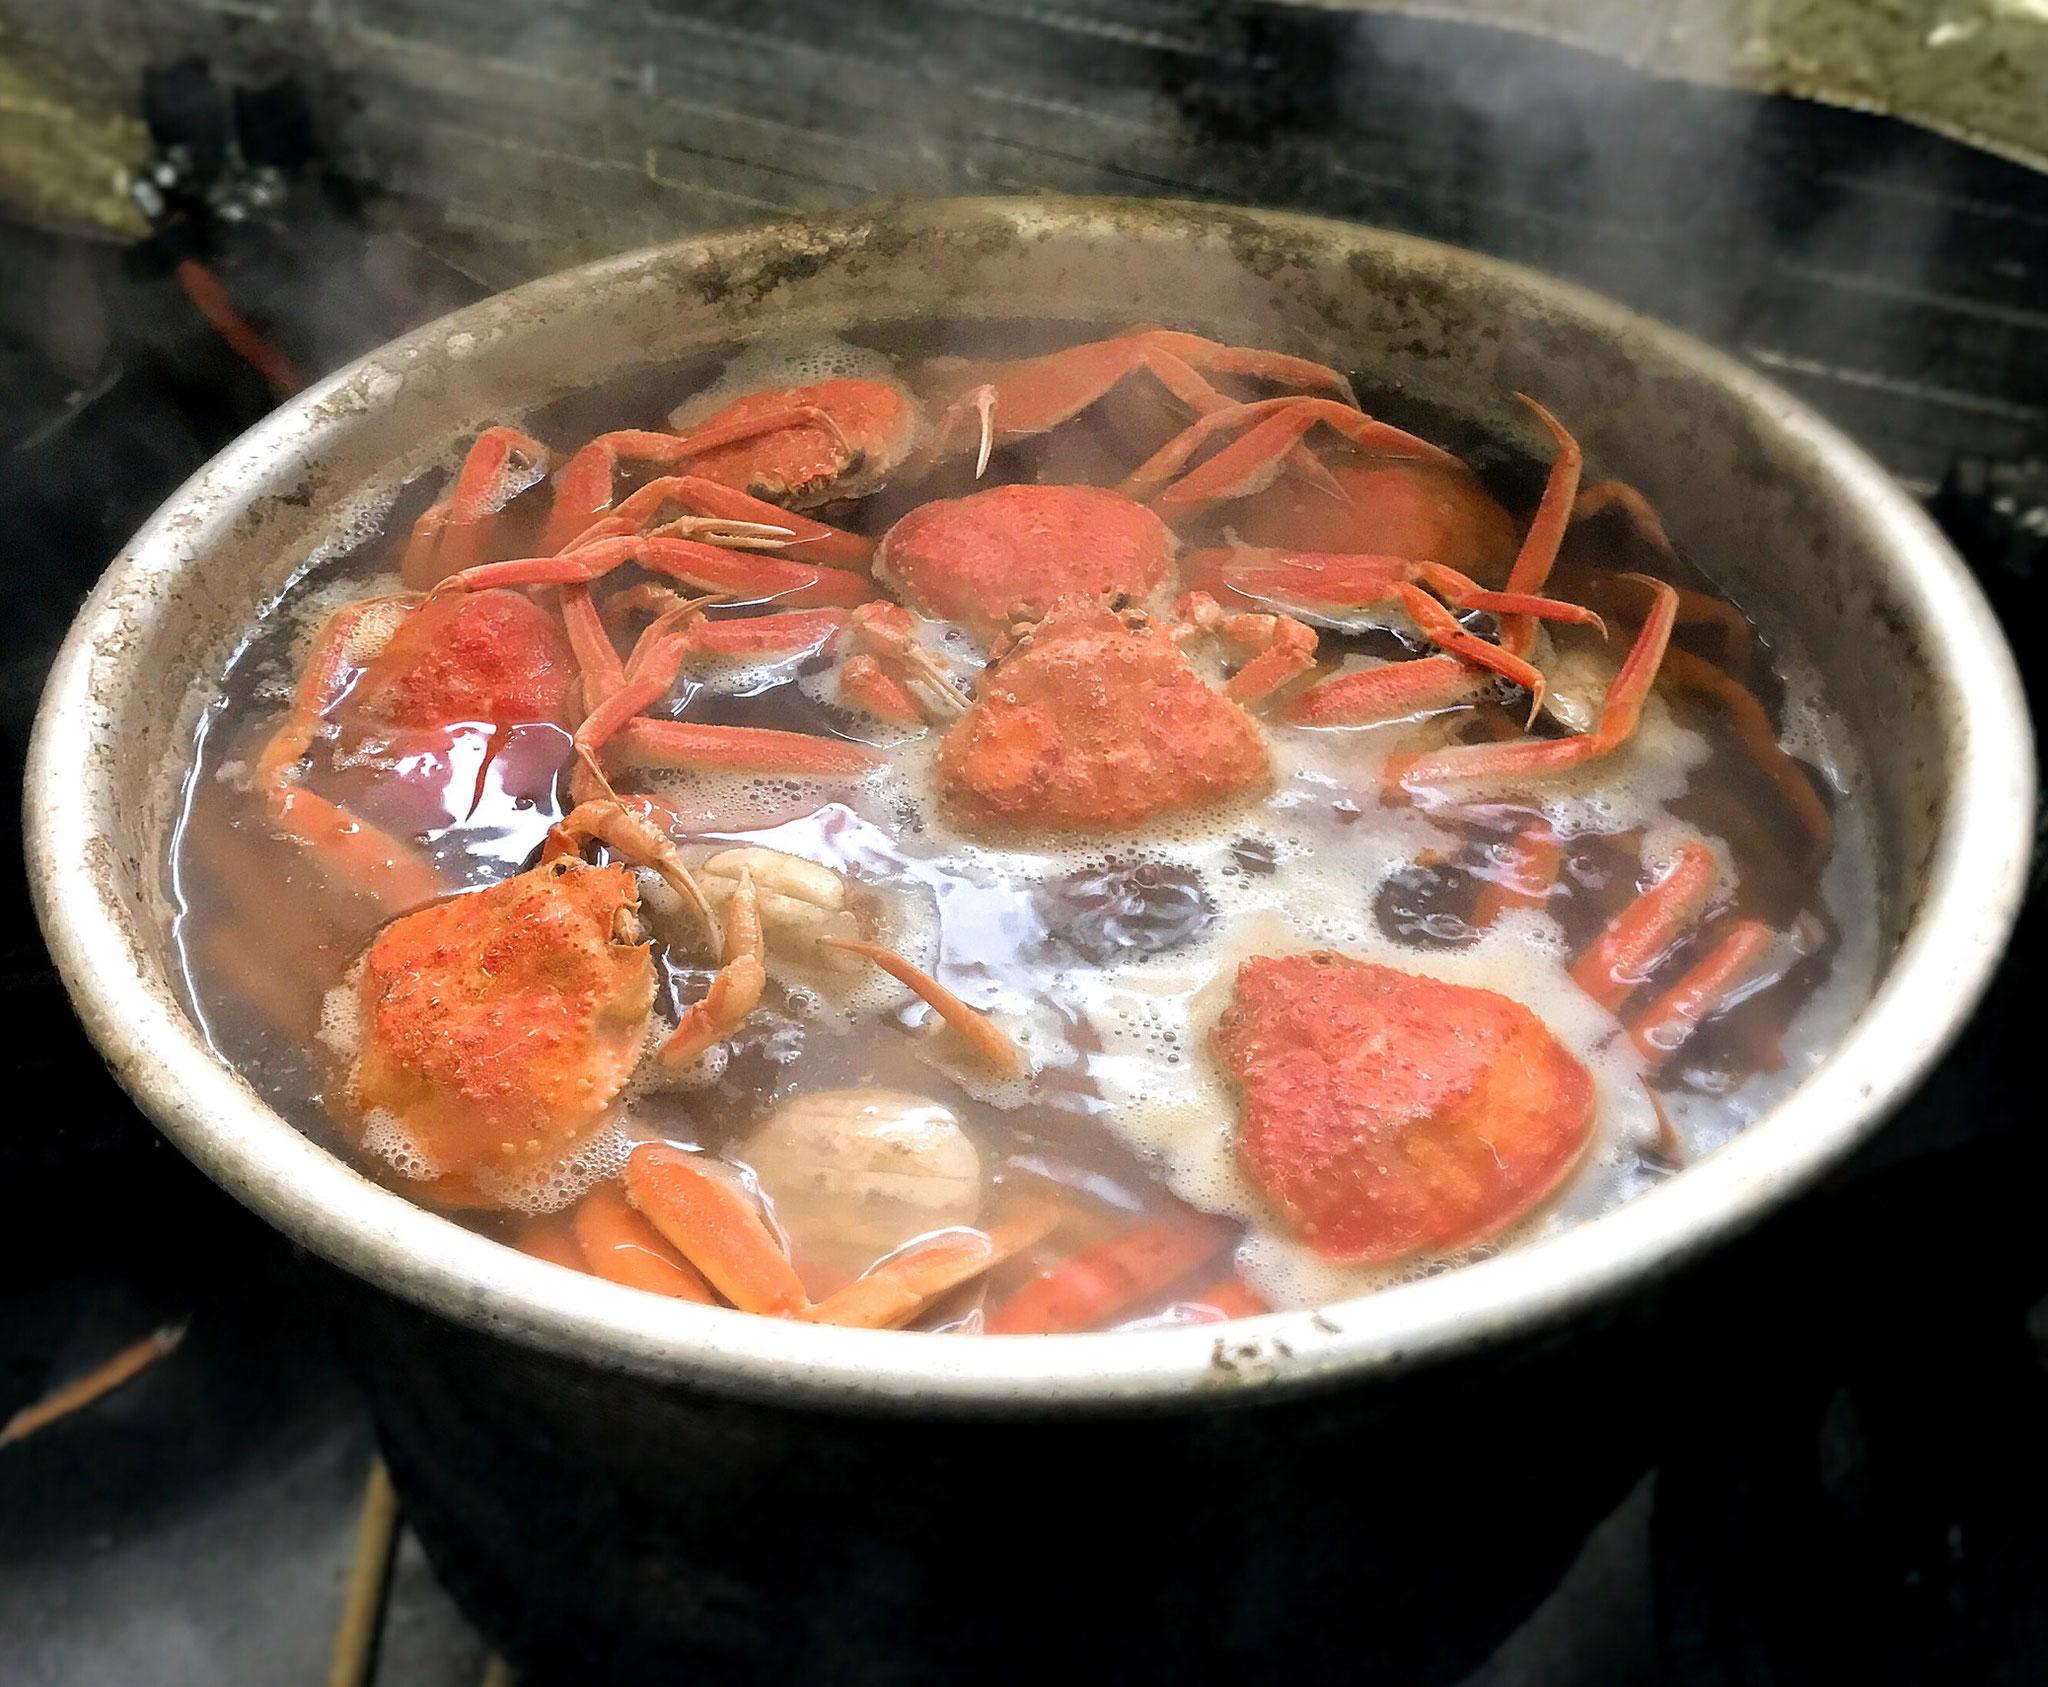 ずわい蟹は福井市中央卸売市場より仕入れ、当店で美味しく茹でています♪